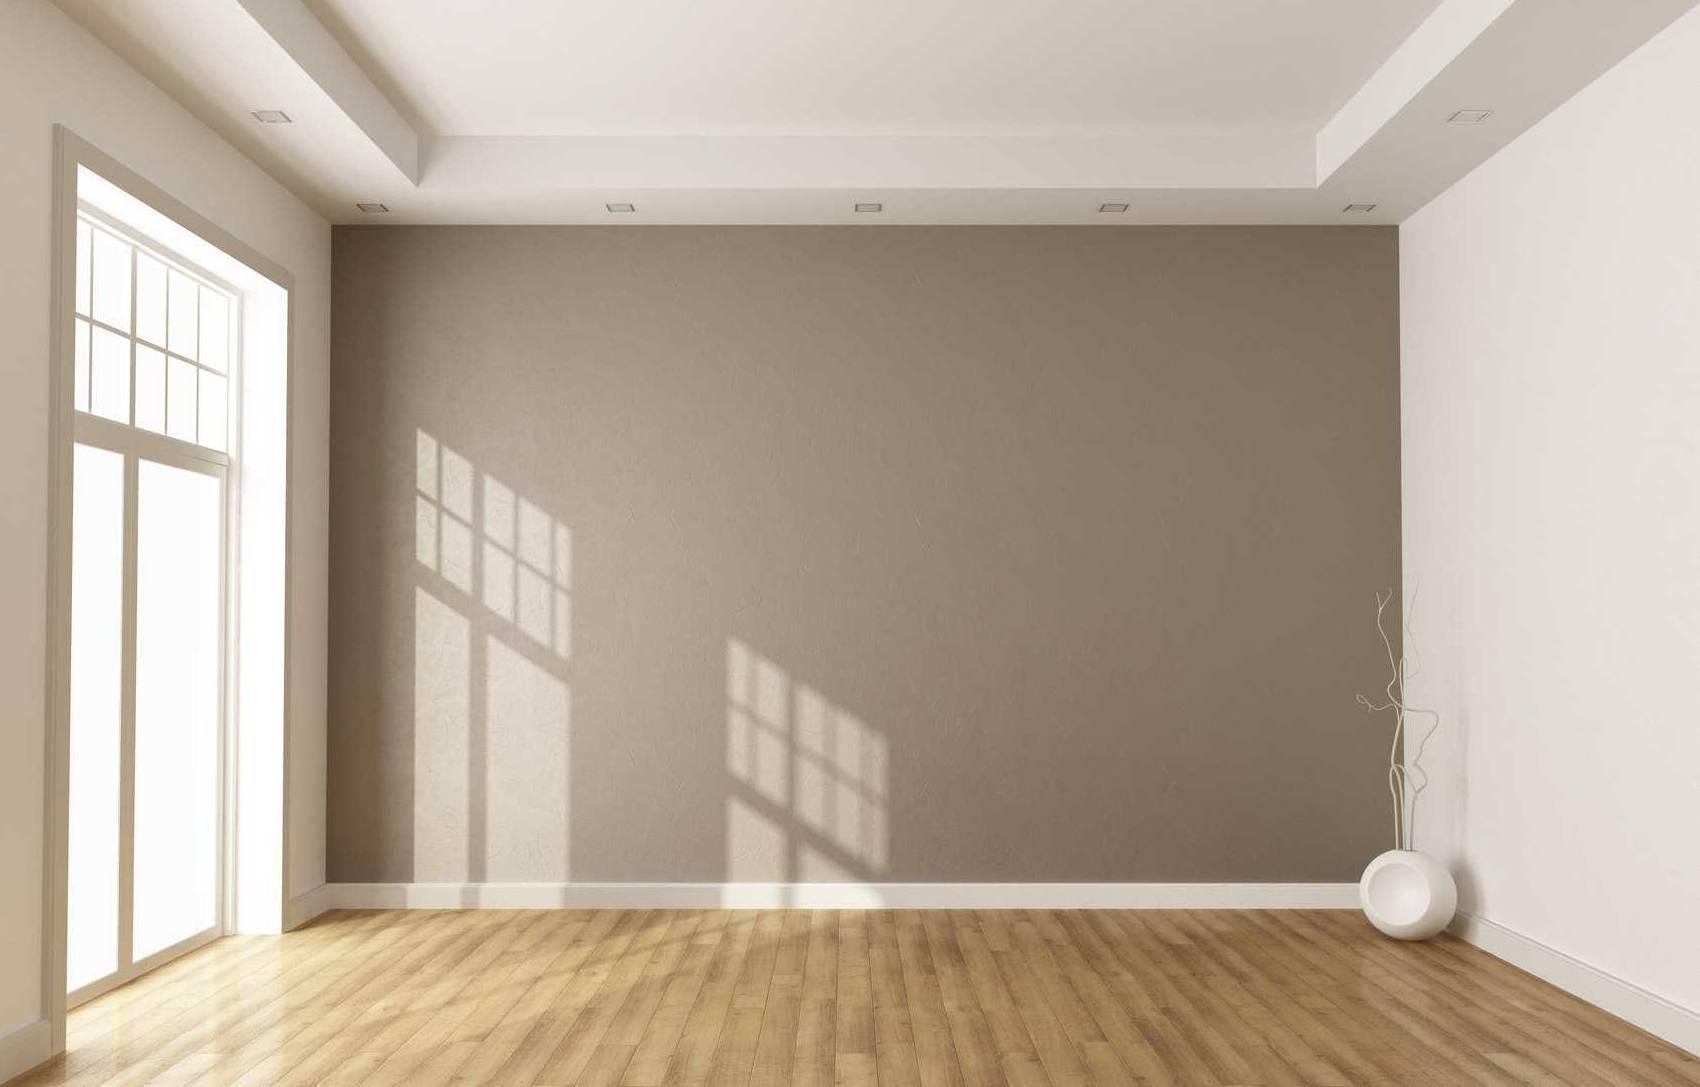 Способы выравнивания стен своими руками — выбор способа и пошаговая инструкция